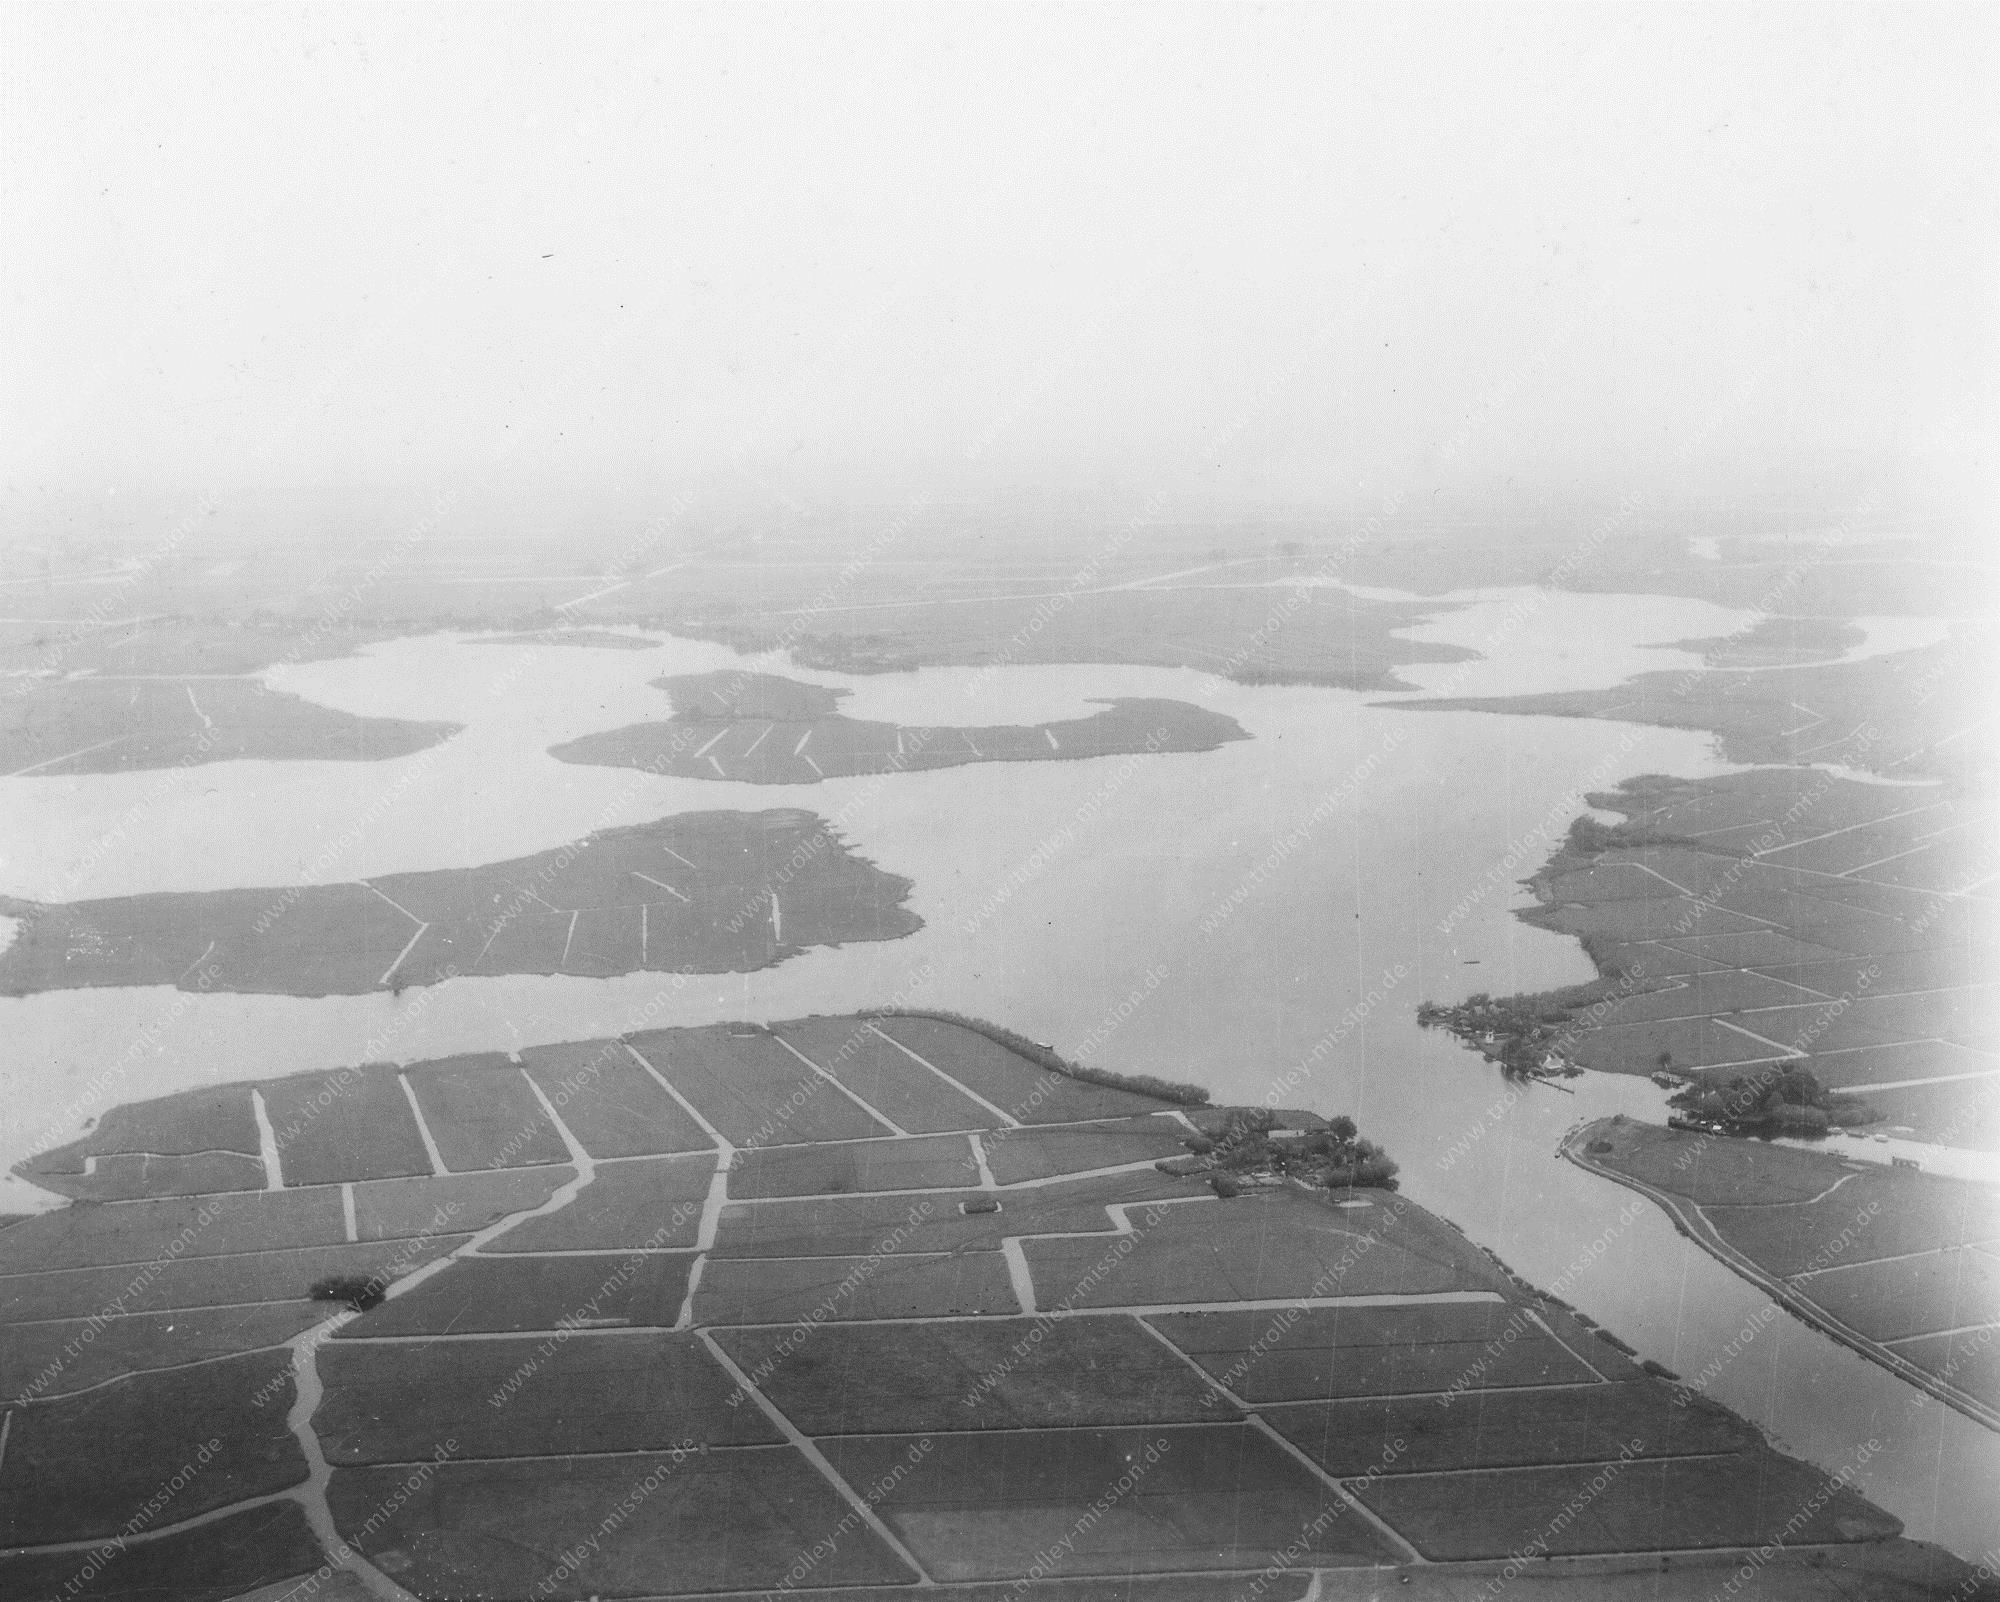 Unbekanntes Luftbild Überschwemmte Landschaft